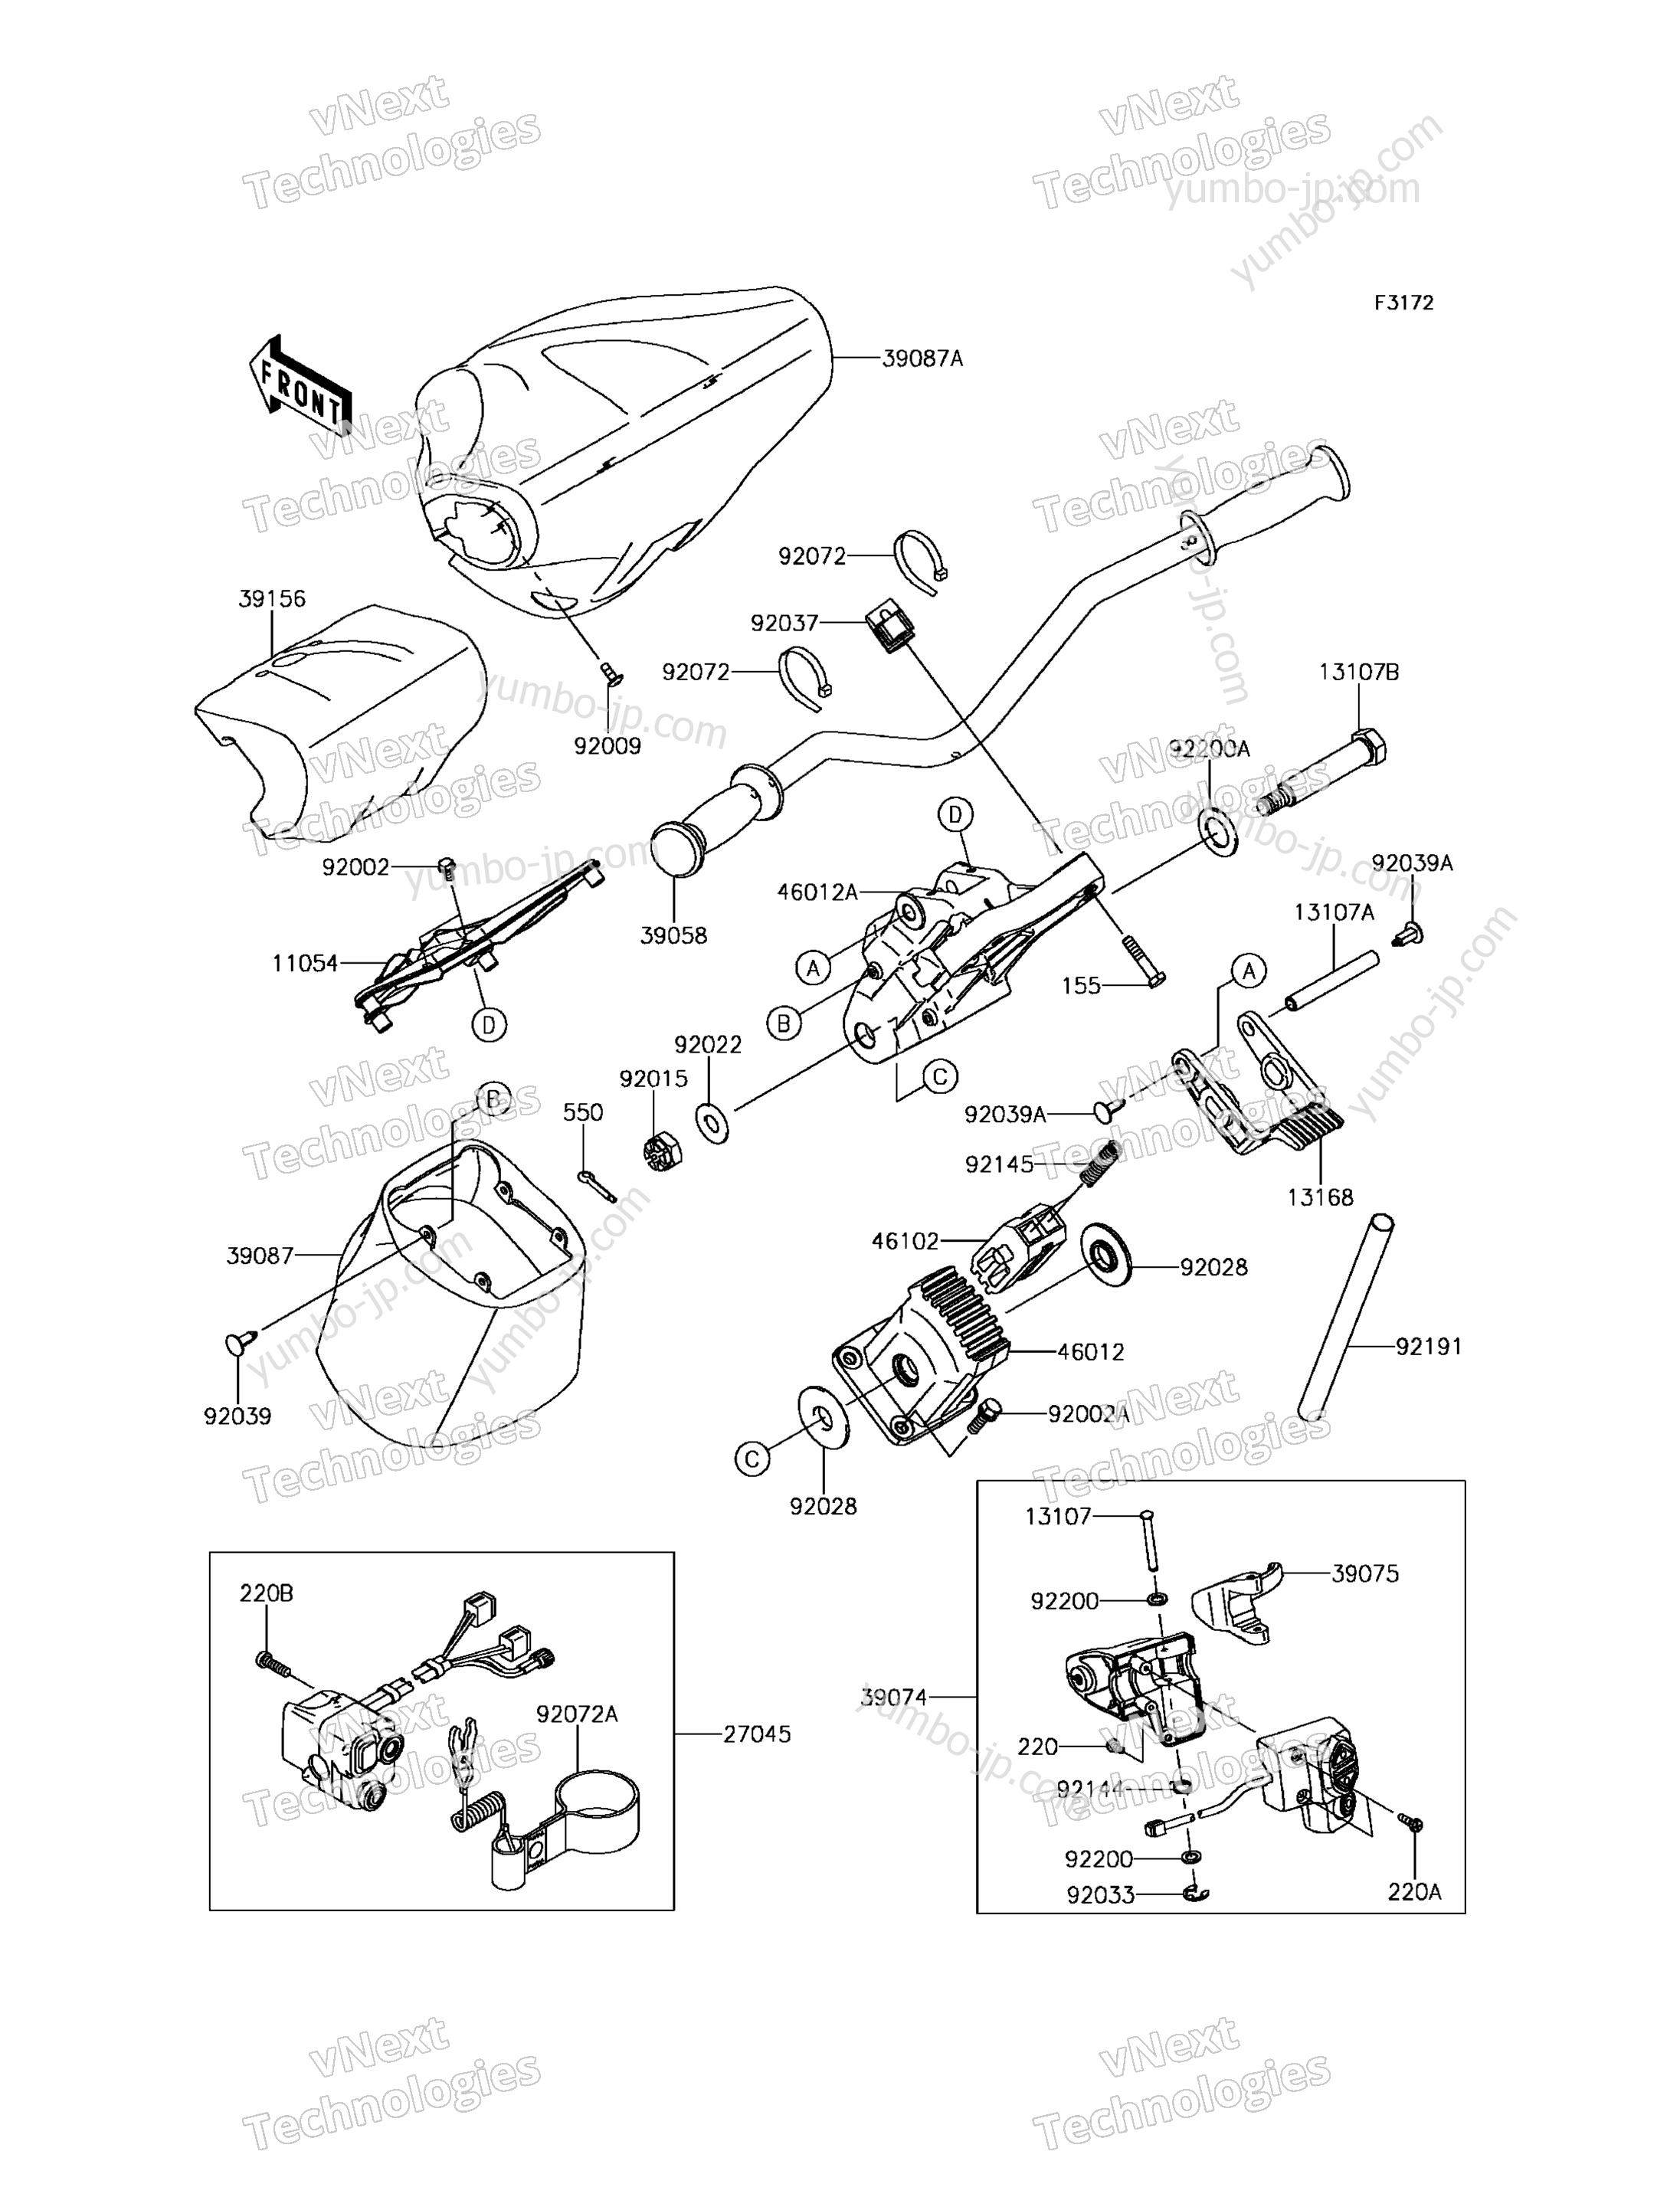 Румпель (рукоятка управления) для гидроцикла KAWASAKI JET SKI ULTRA 310X (JT1500PGF) 2016 г.